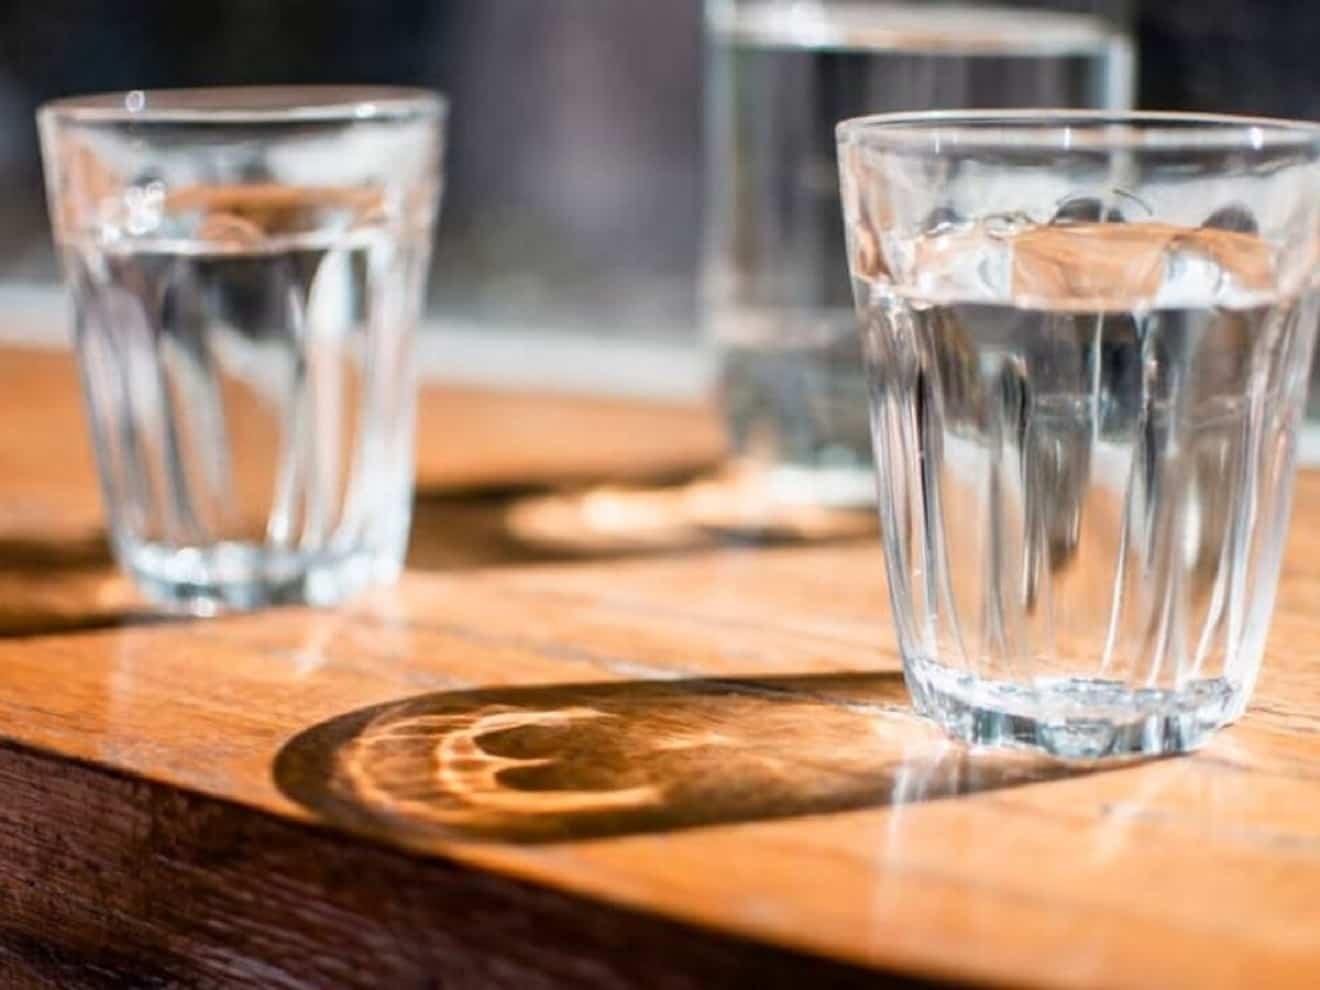 Сколько миллилитров в стакане